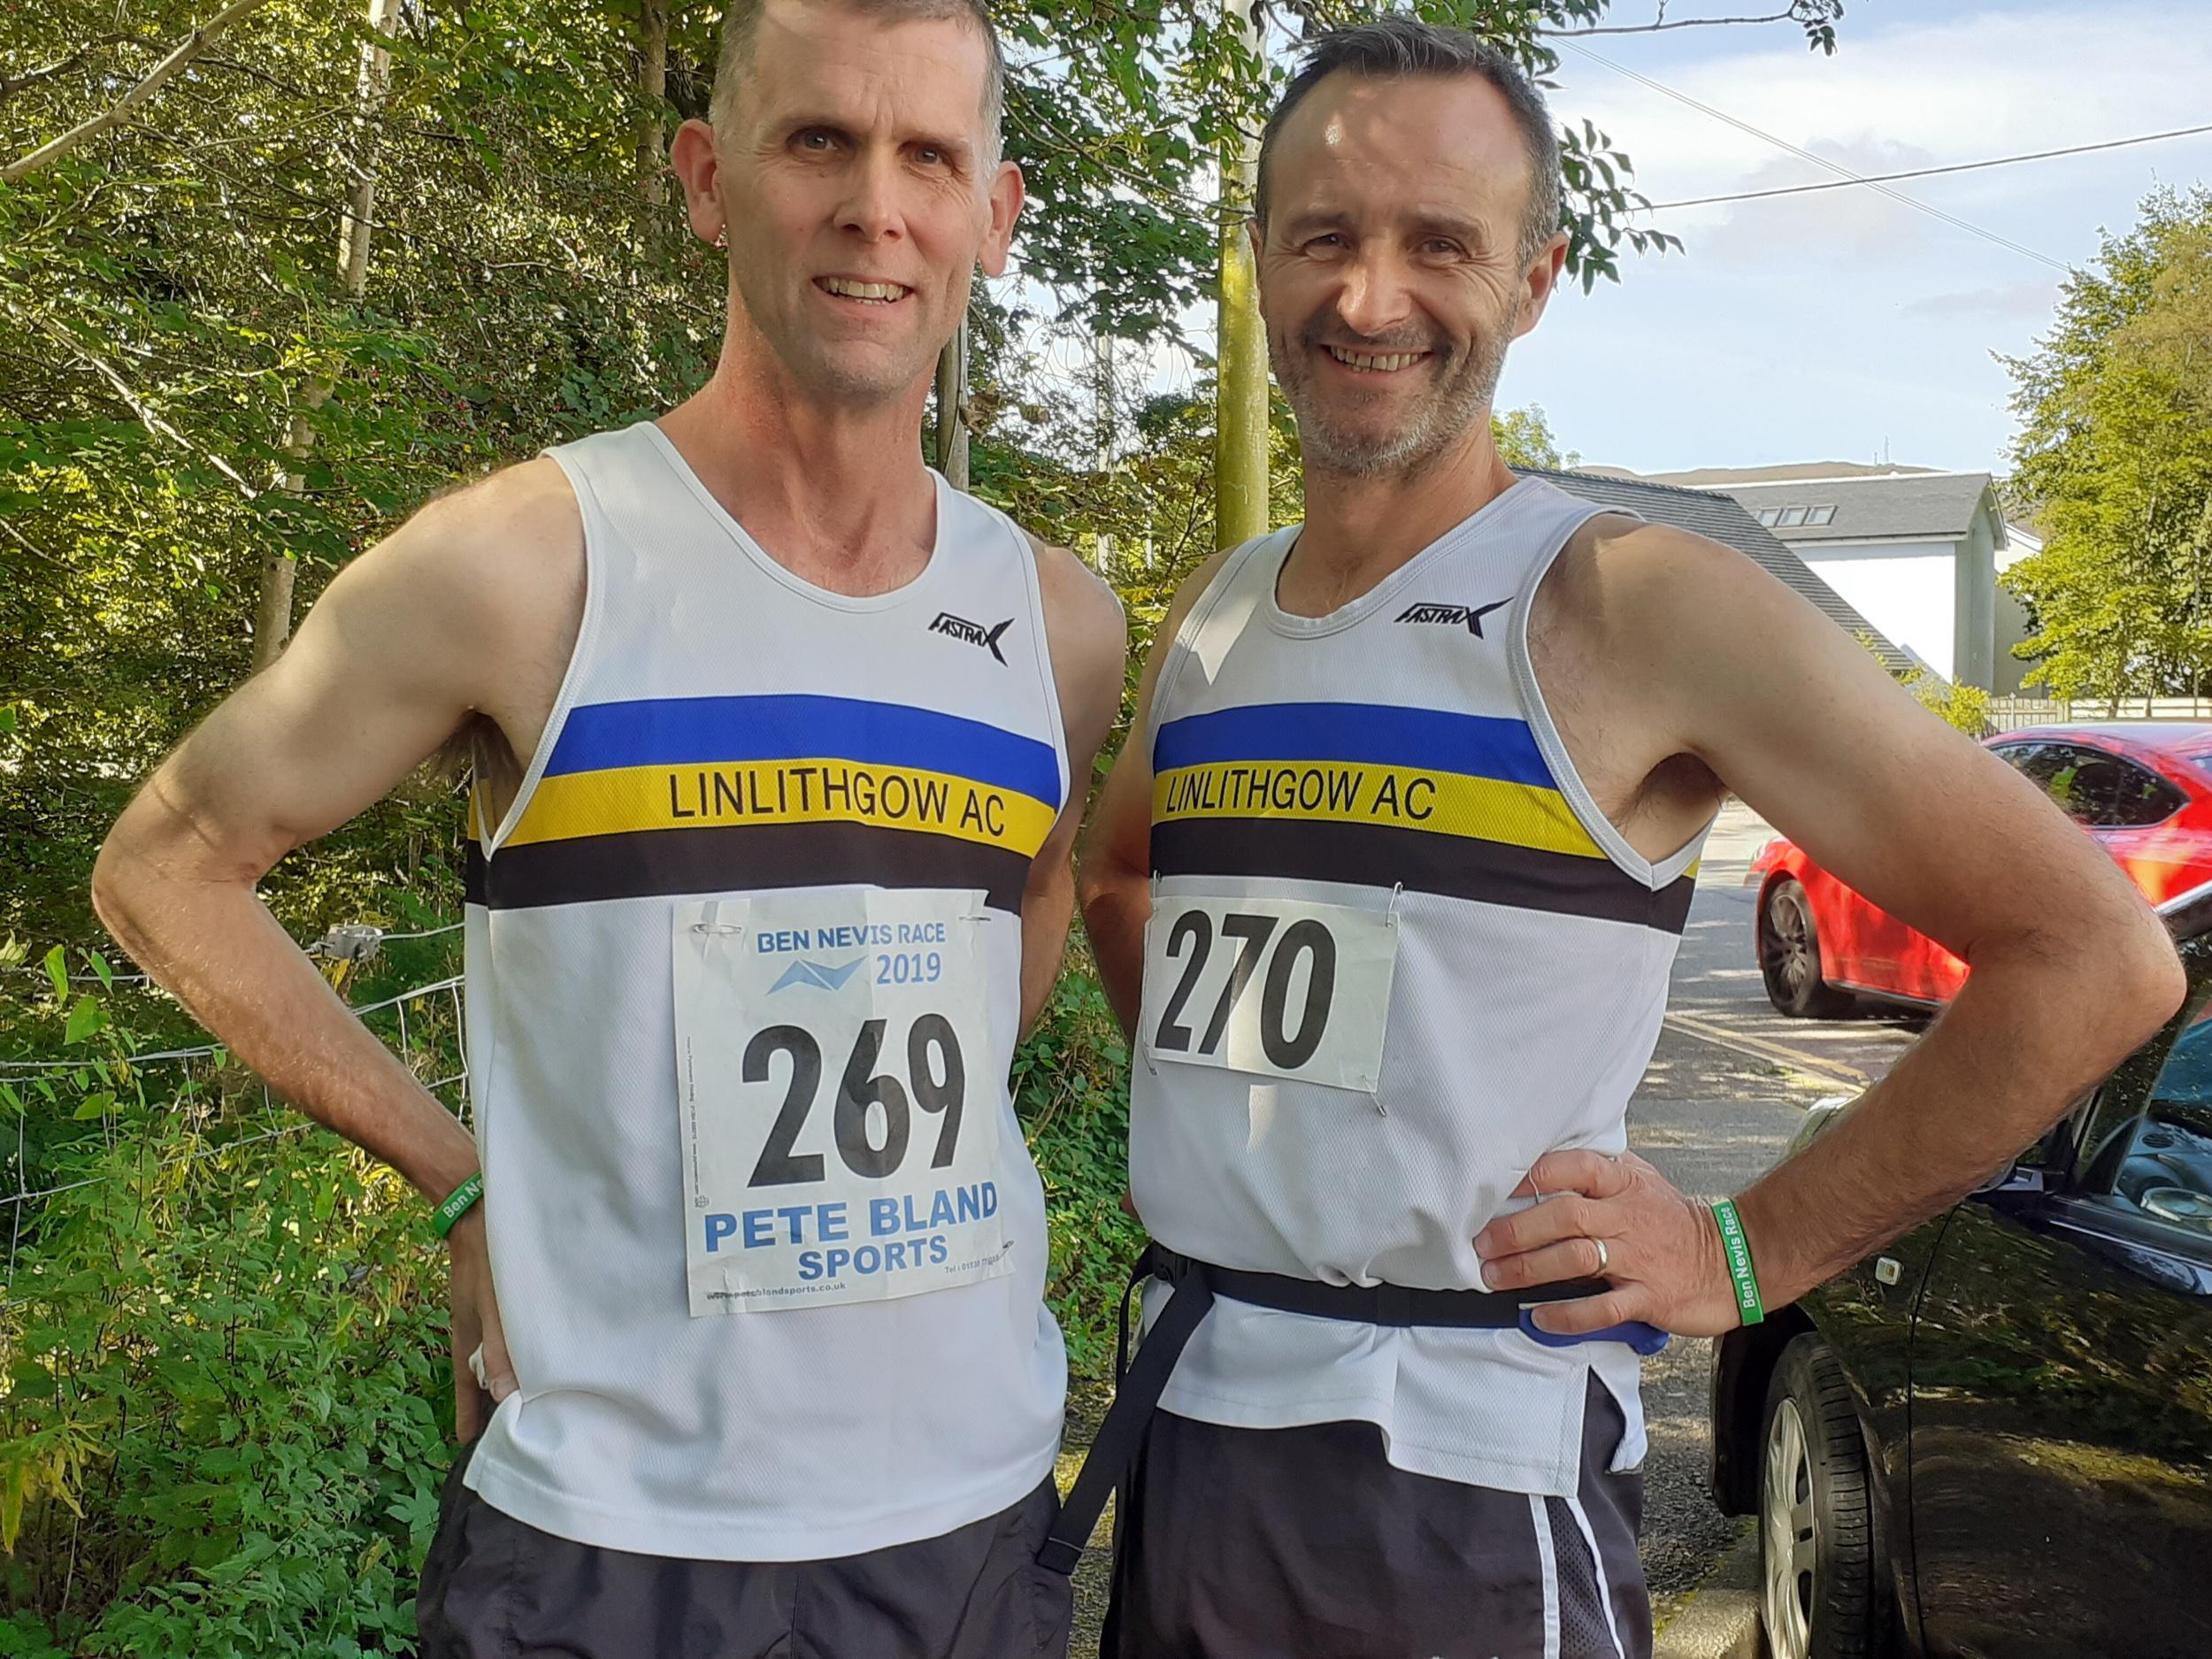 Paul and David at Ben Nevis race